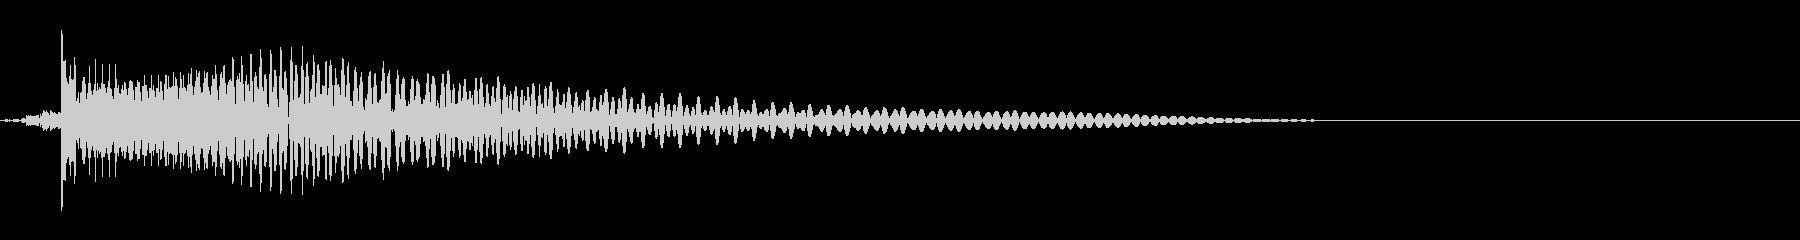 ベース/ドゥーン/ネックスライド/A09の未再生の波形